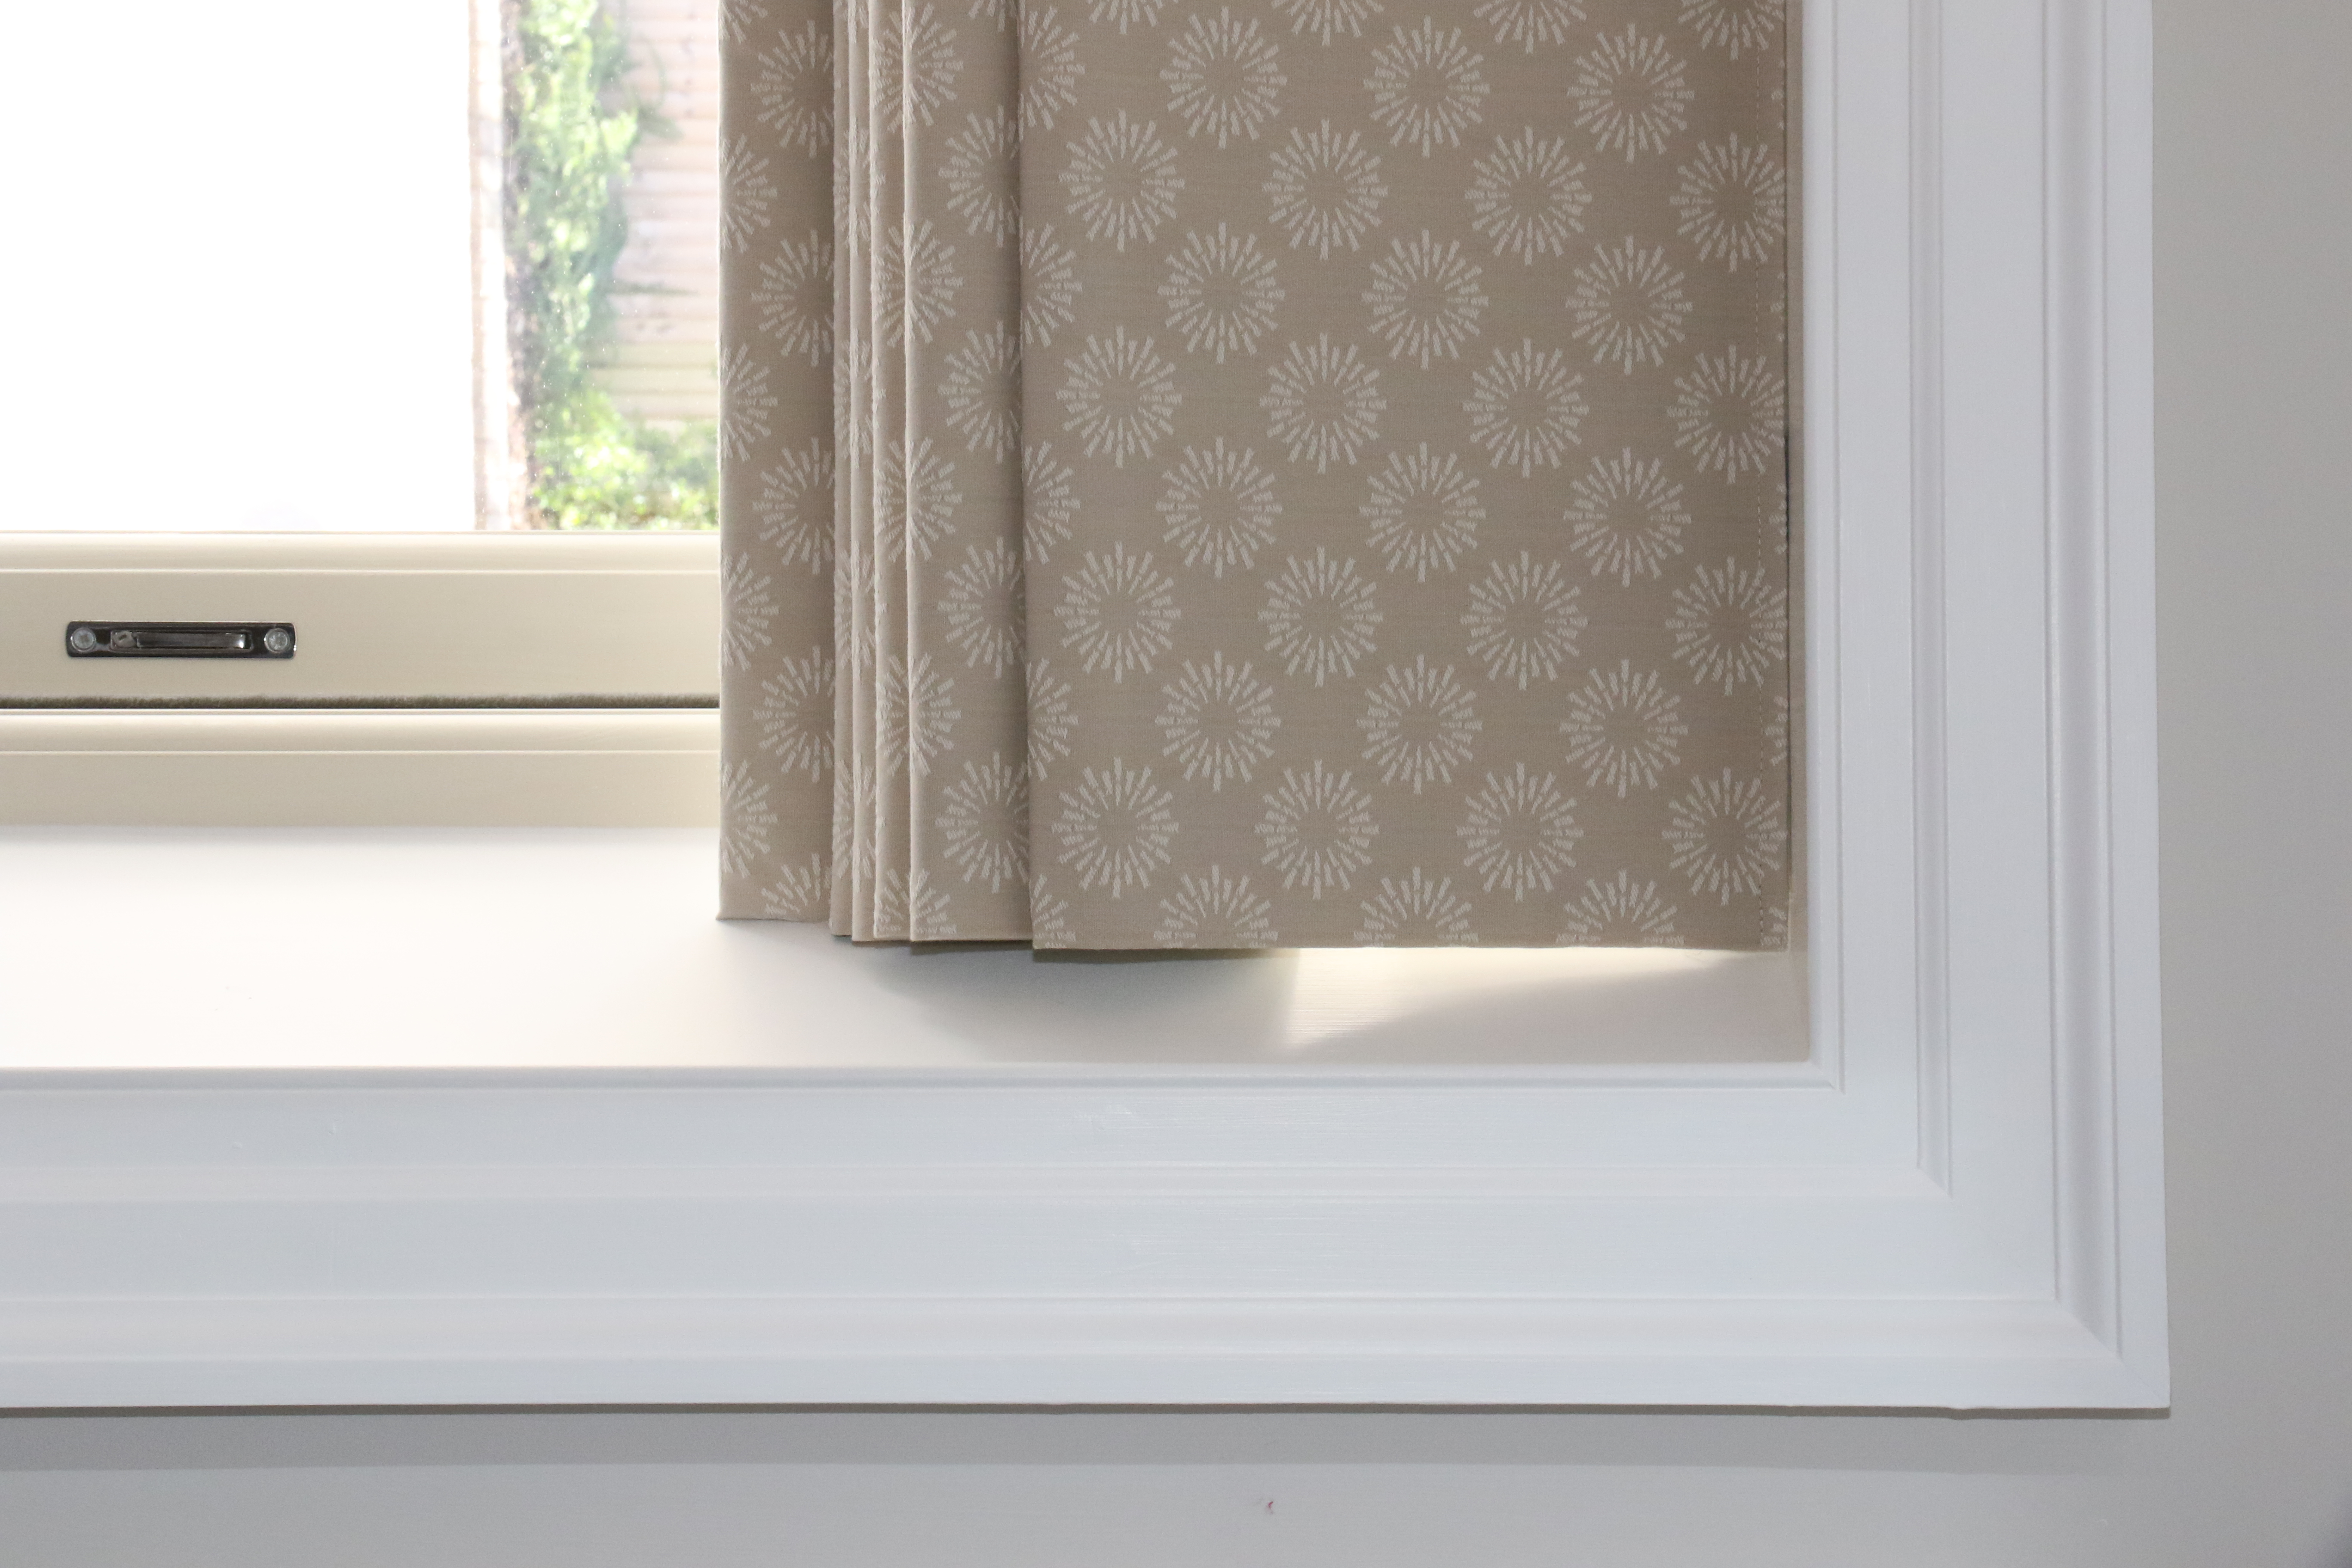 Roman blinds, Hale, Altrincham